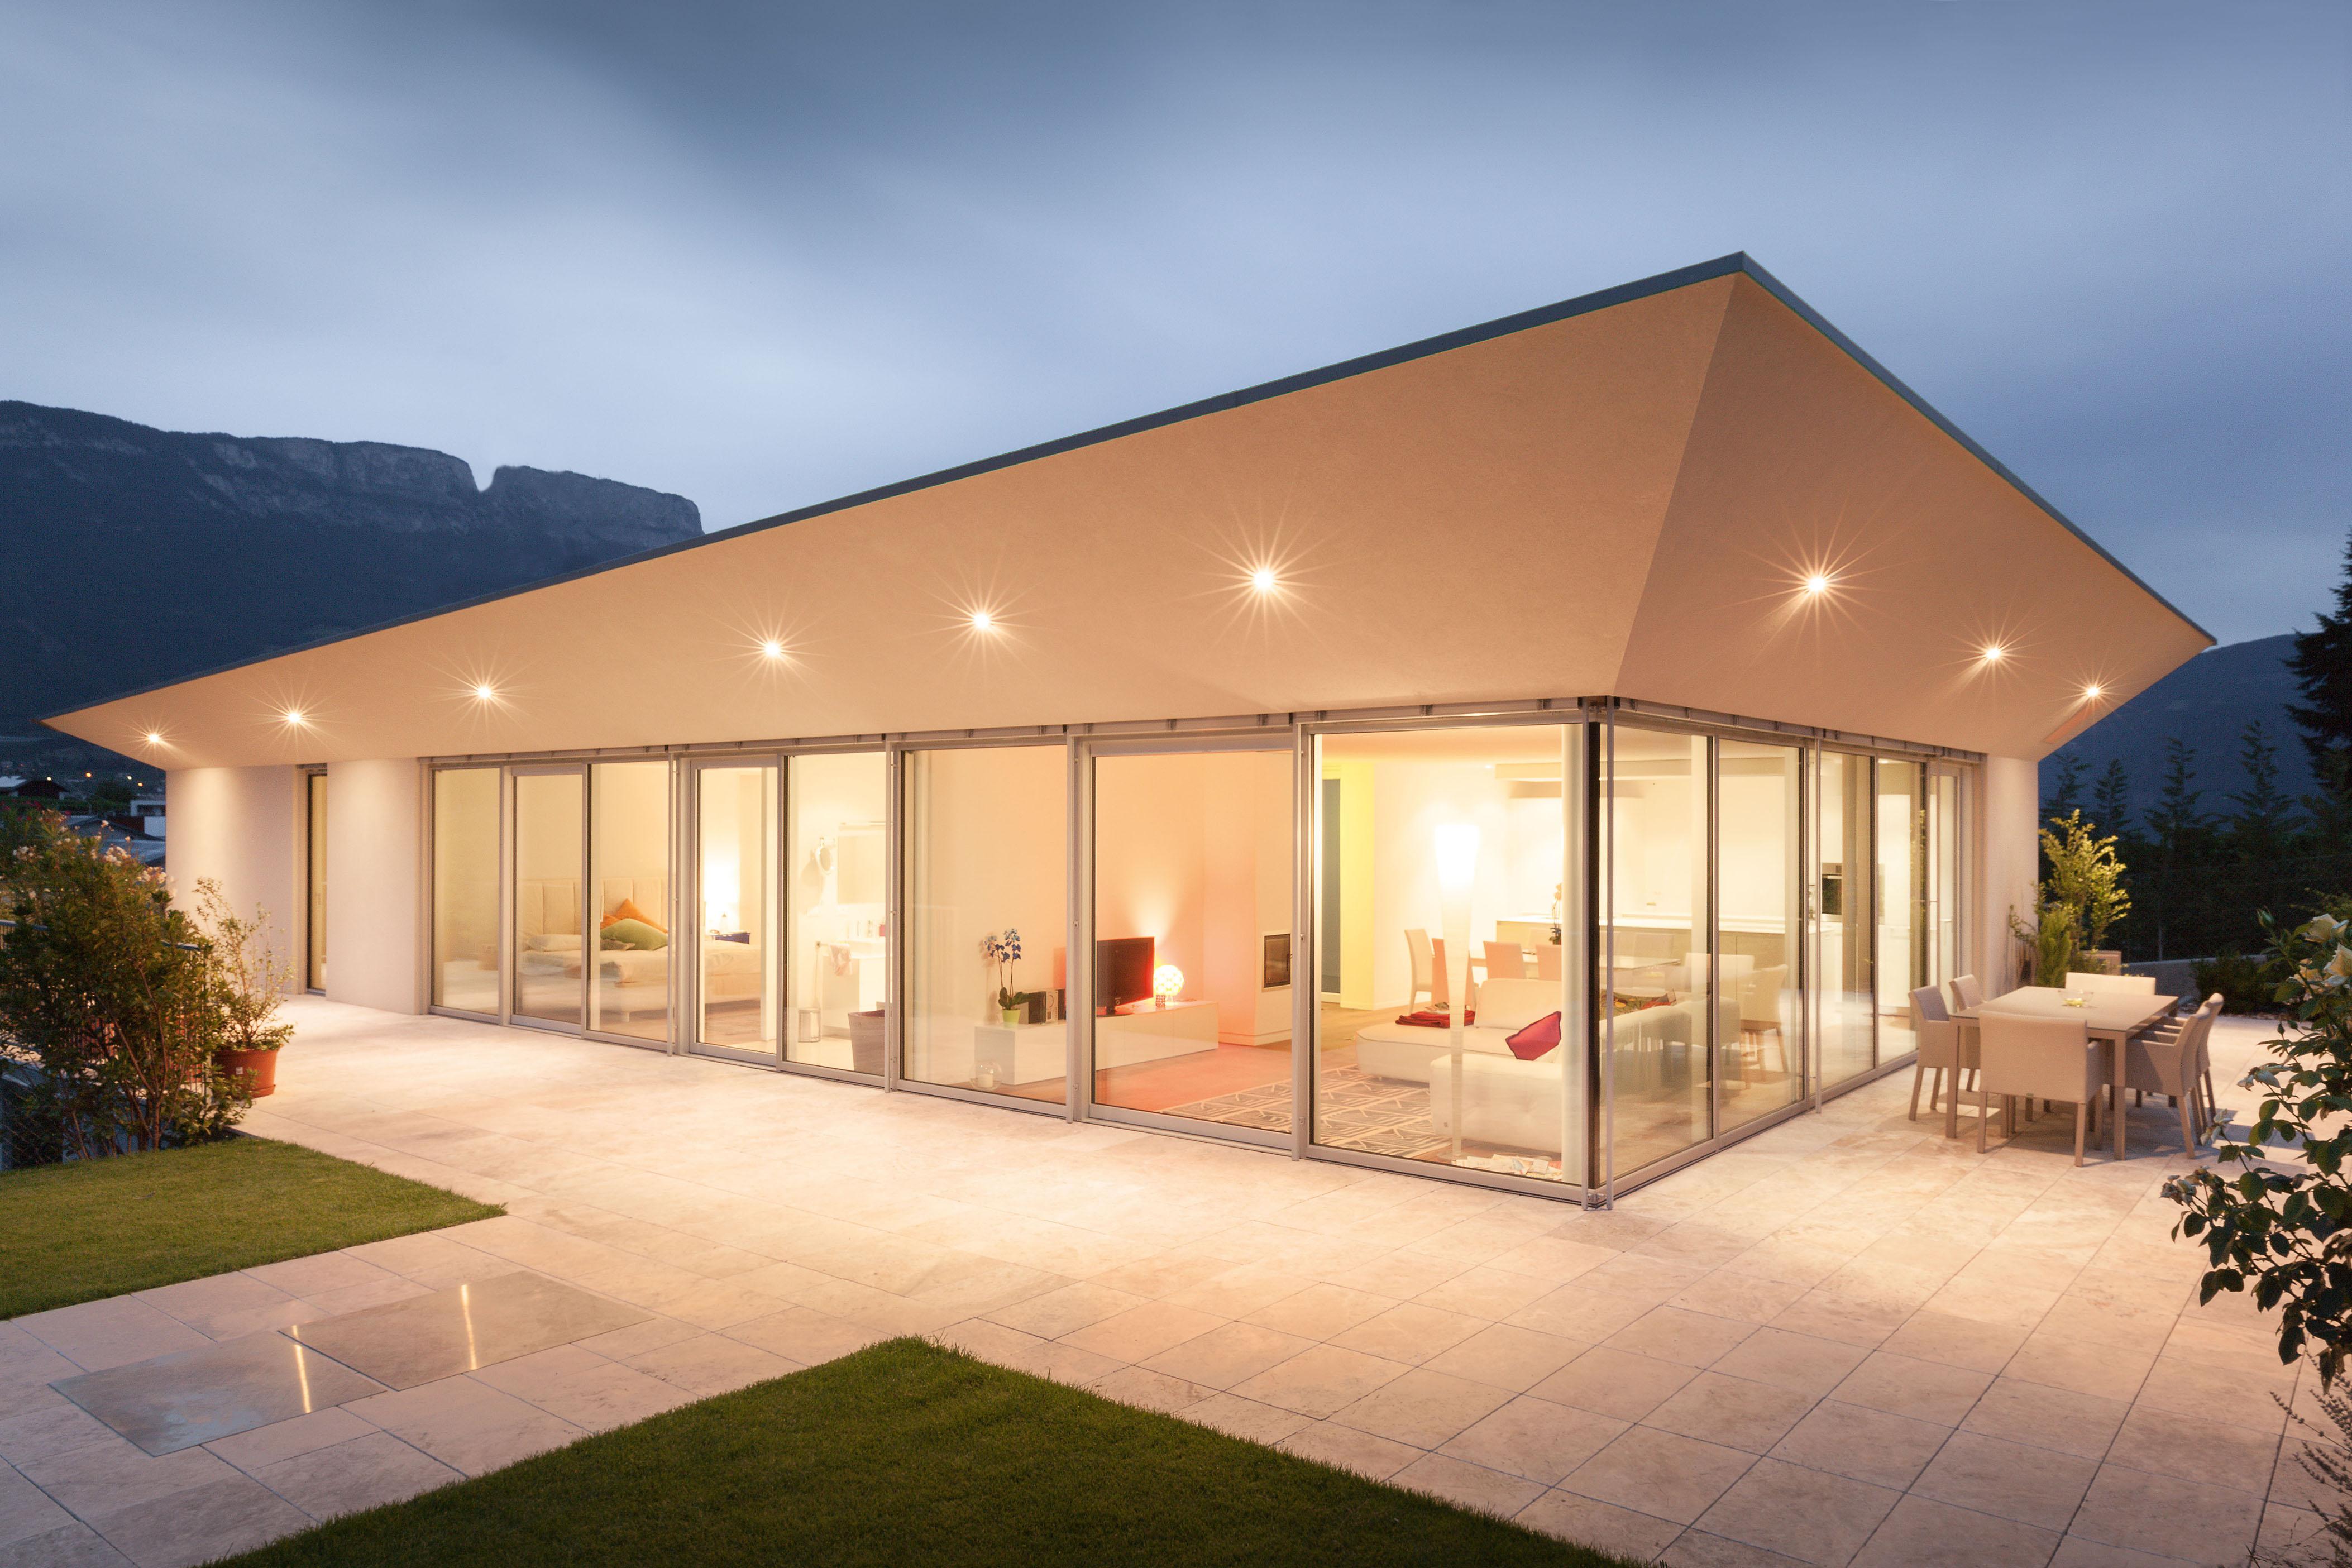 Nuove soluzioni per vetrate di grandi superfici con profili in pvc ...